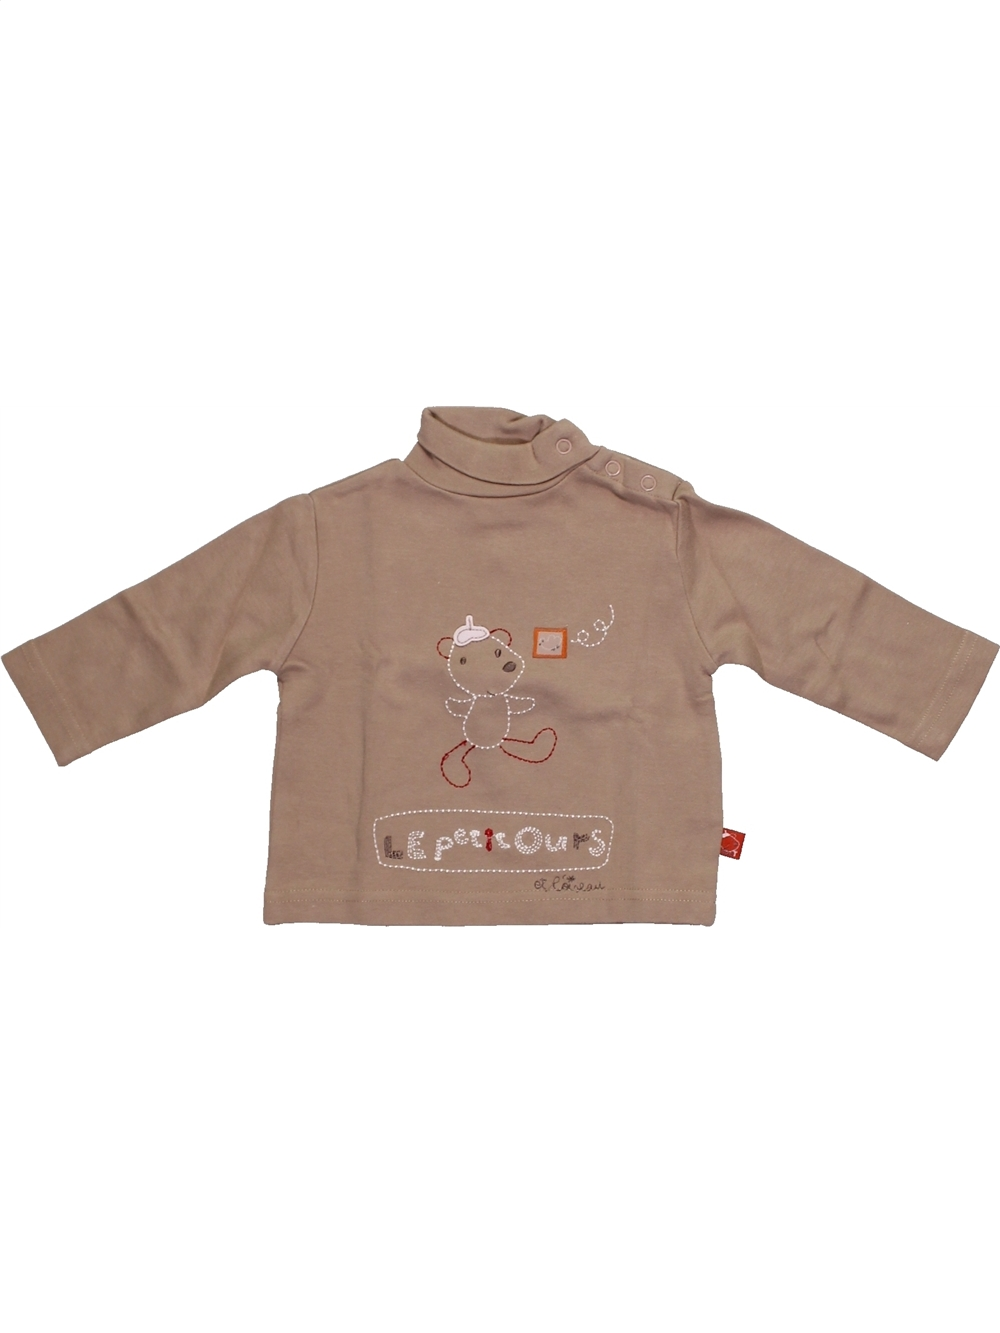 T-shirt-col-roule-bebe-garcon-CADET-ROUSSELLE-3-mois-beige-hiver-vetement